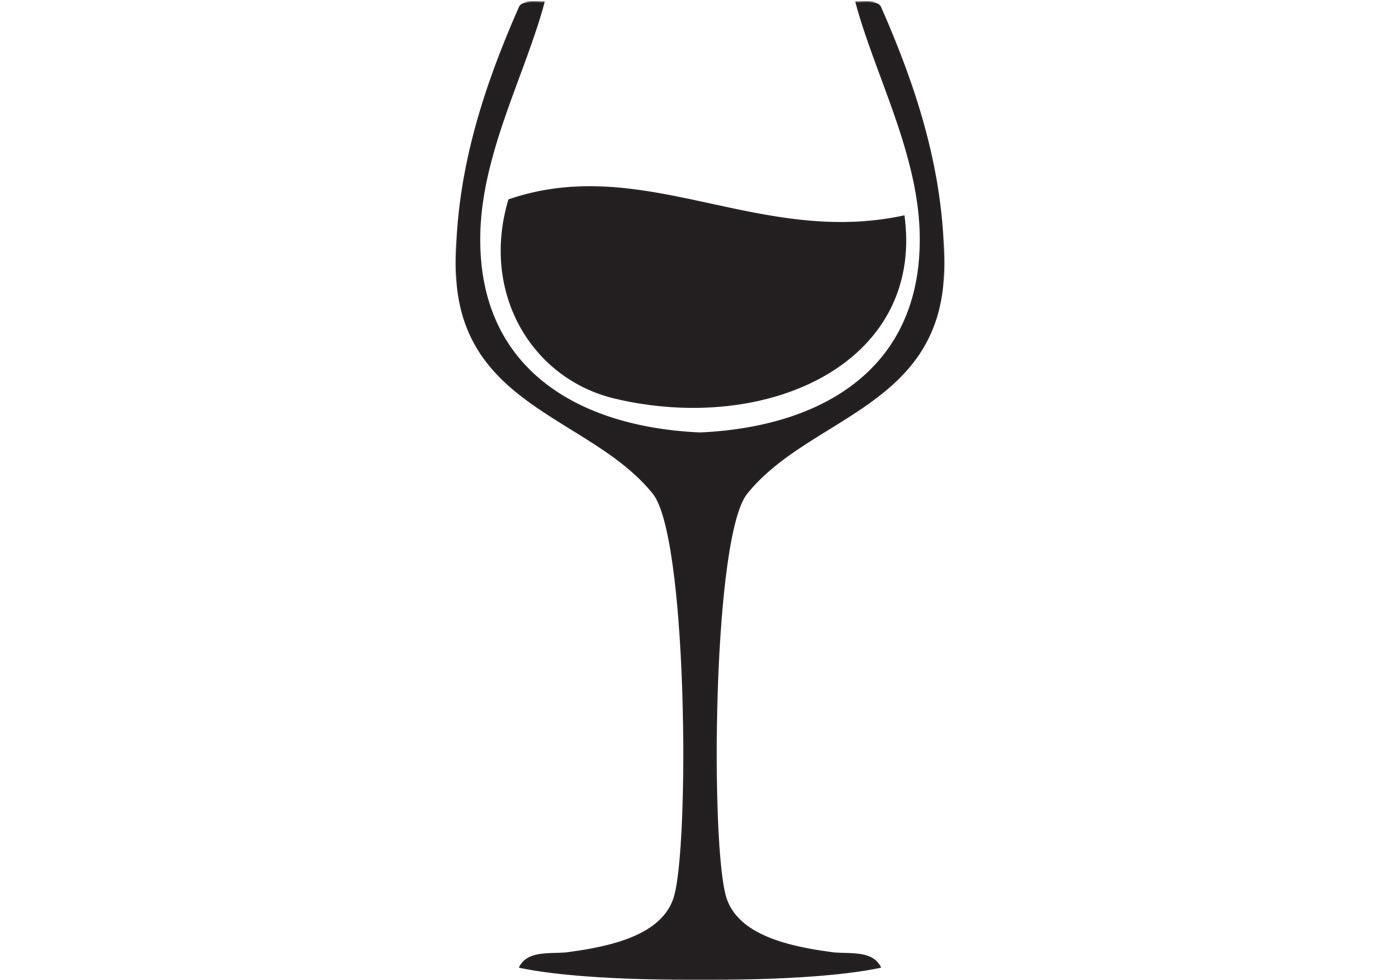 1400x980 White Silhouette Wine Glass